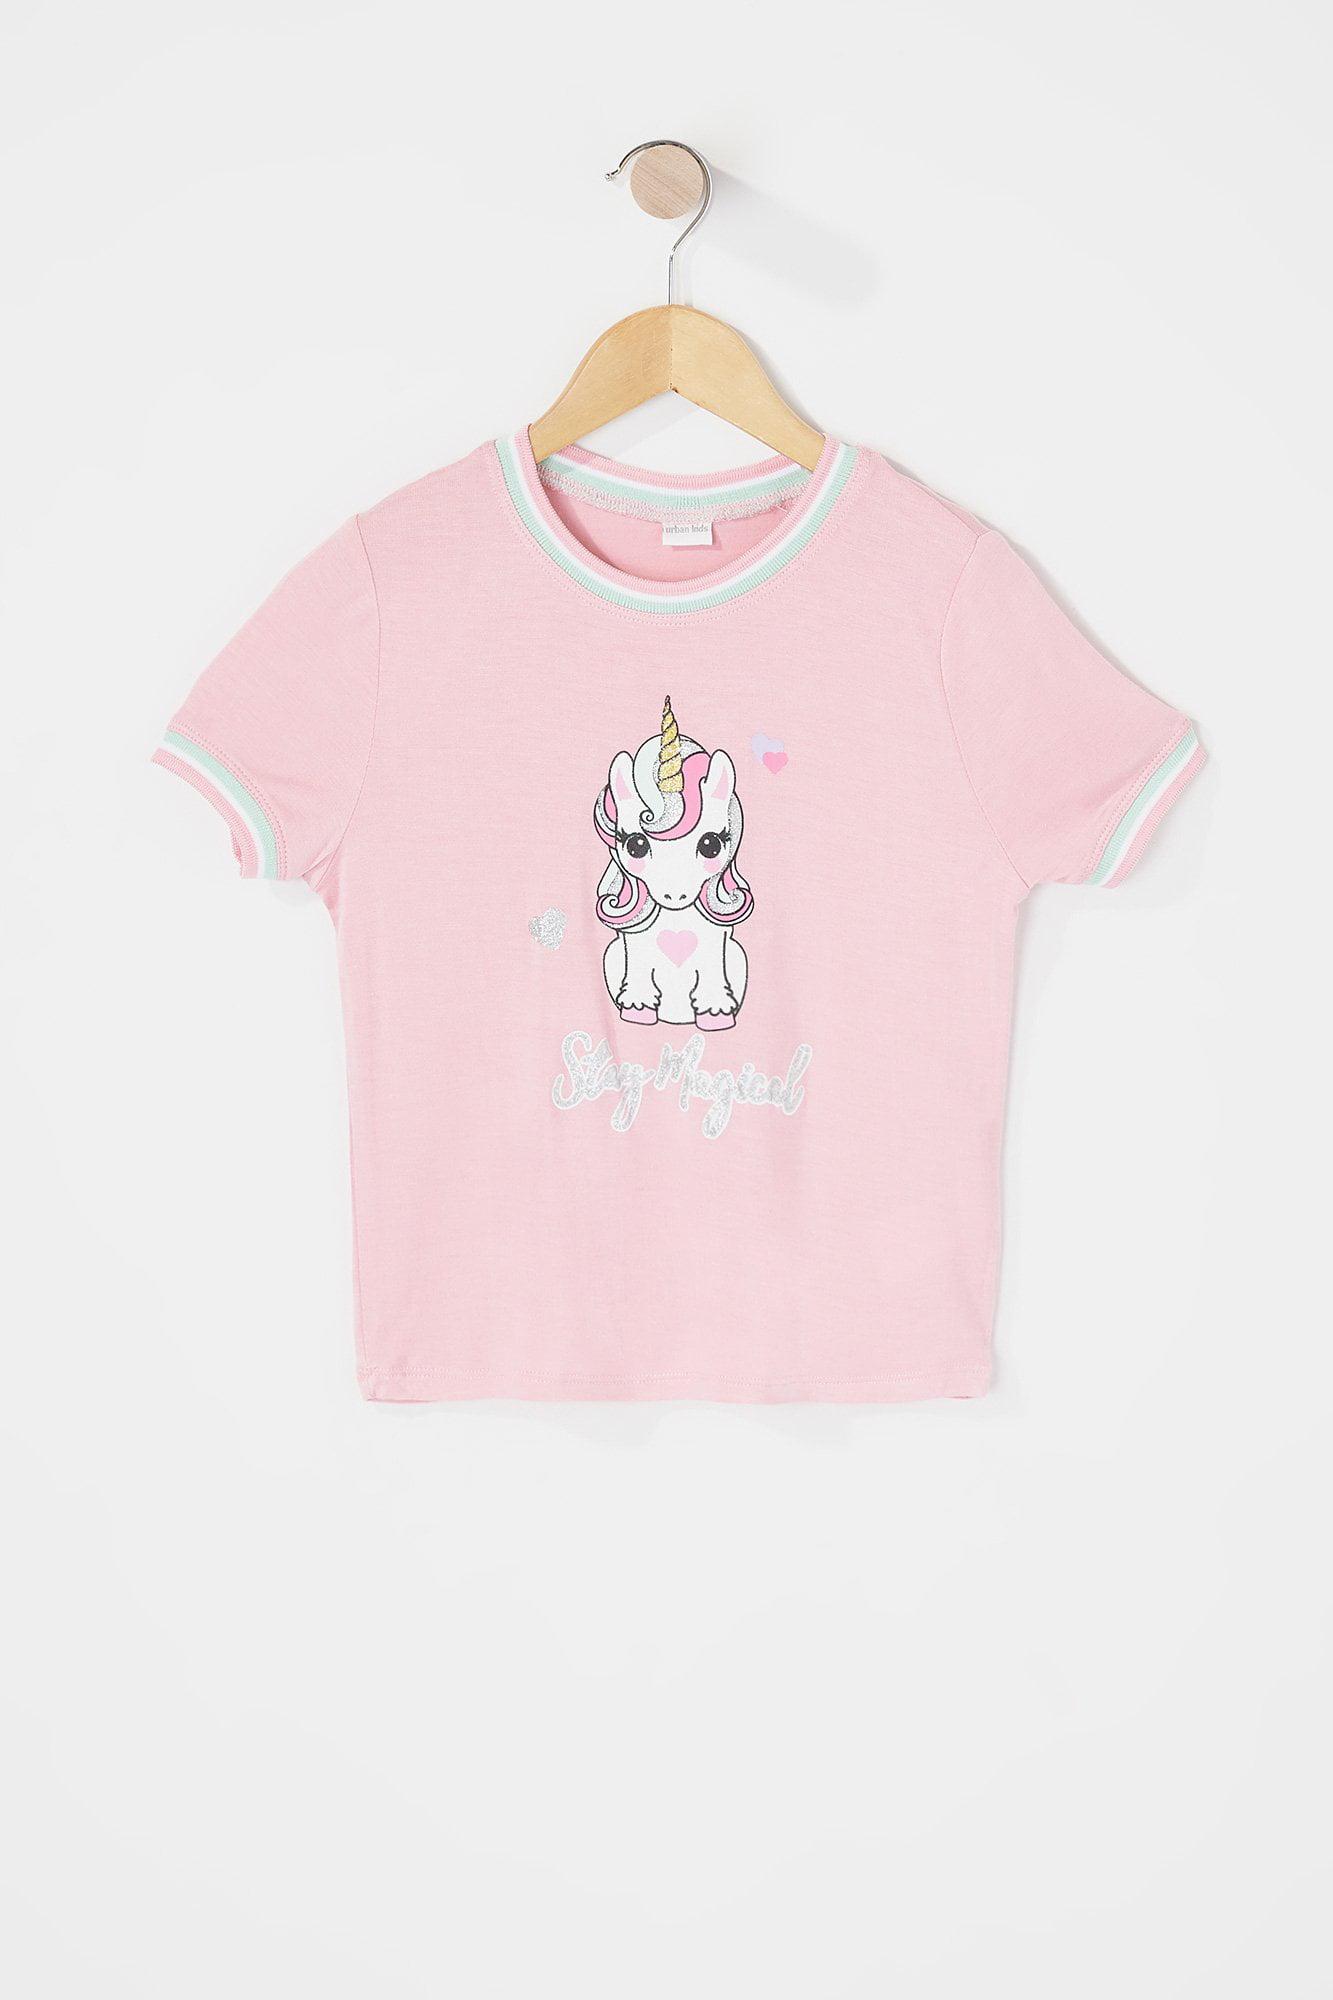 8125b25f094 Urban Kids Toddler Girl s Toddler Girl Glitter Graphic Ringer T-Shirt